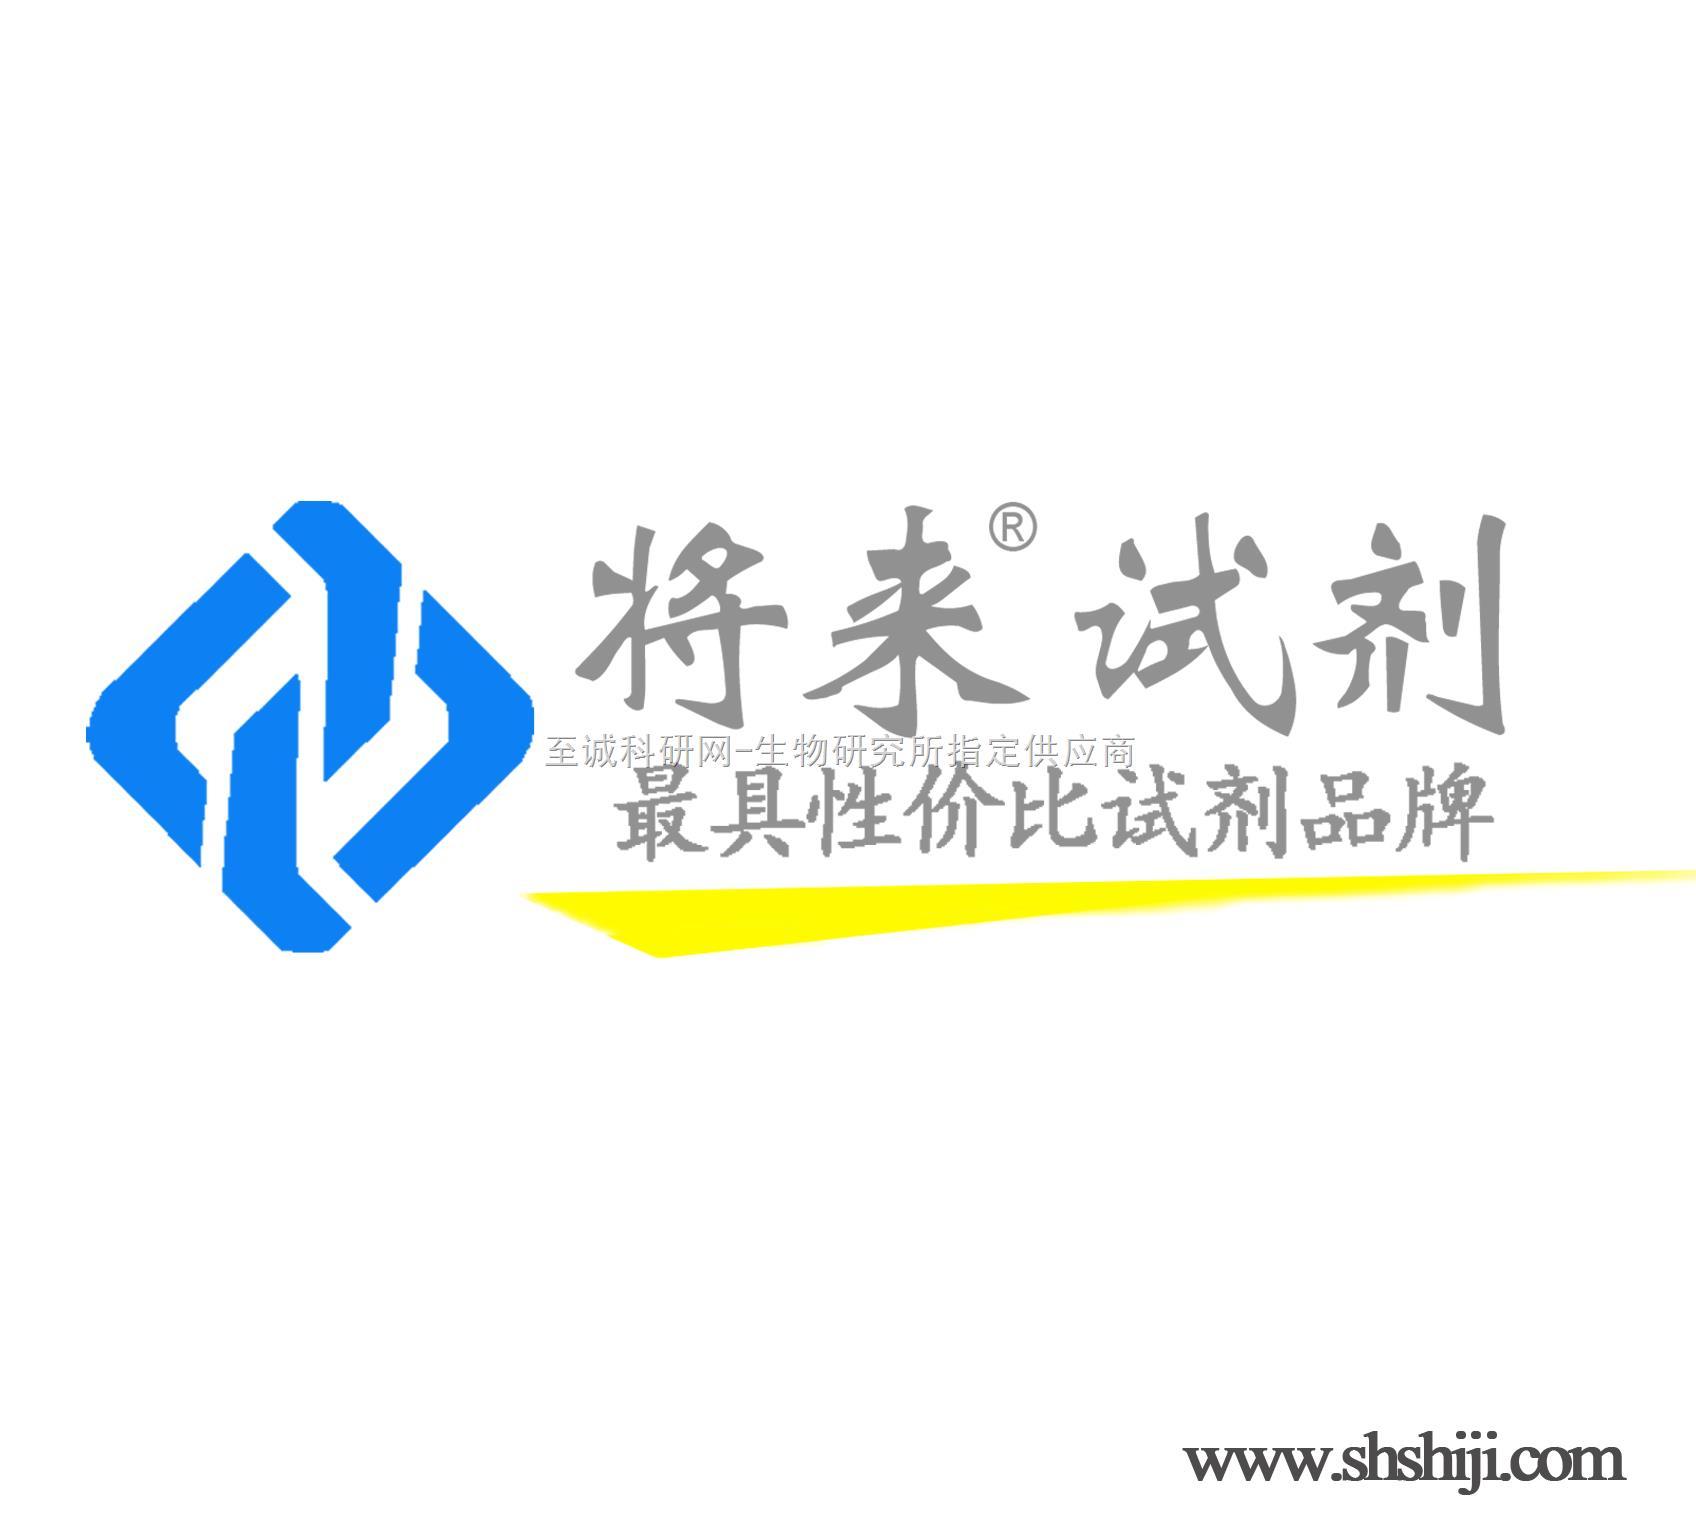 112-12-9,甲基壬基甲酮厂家直销其他相关产品: cas:2602-46-2,直接蓝